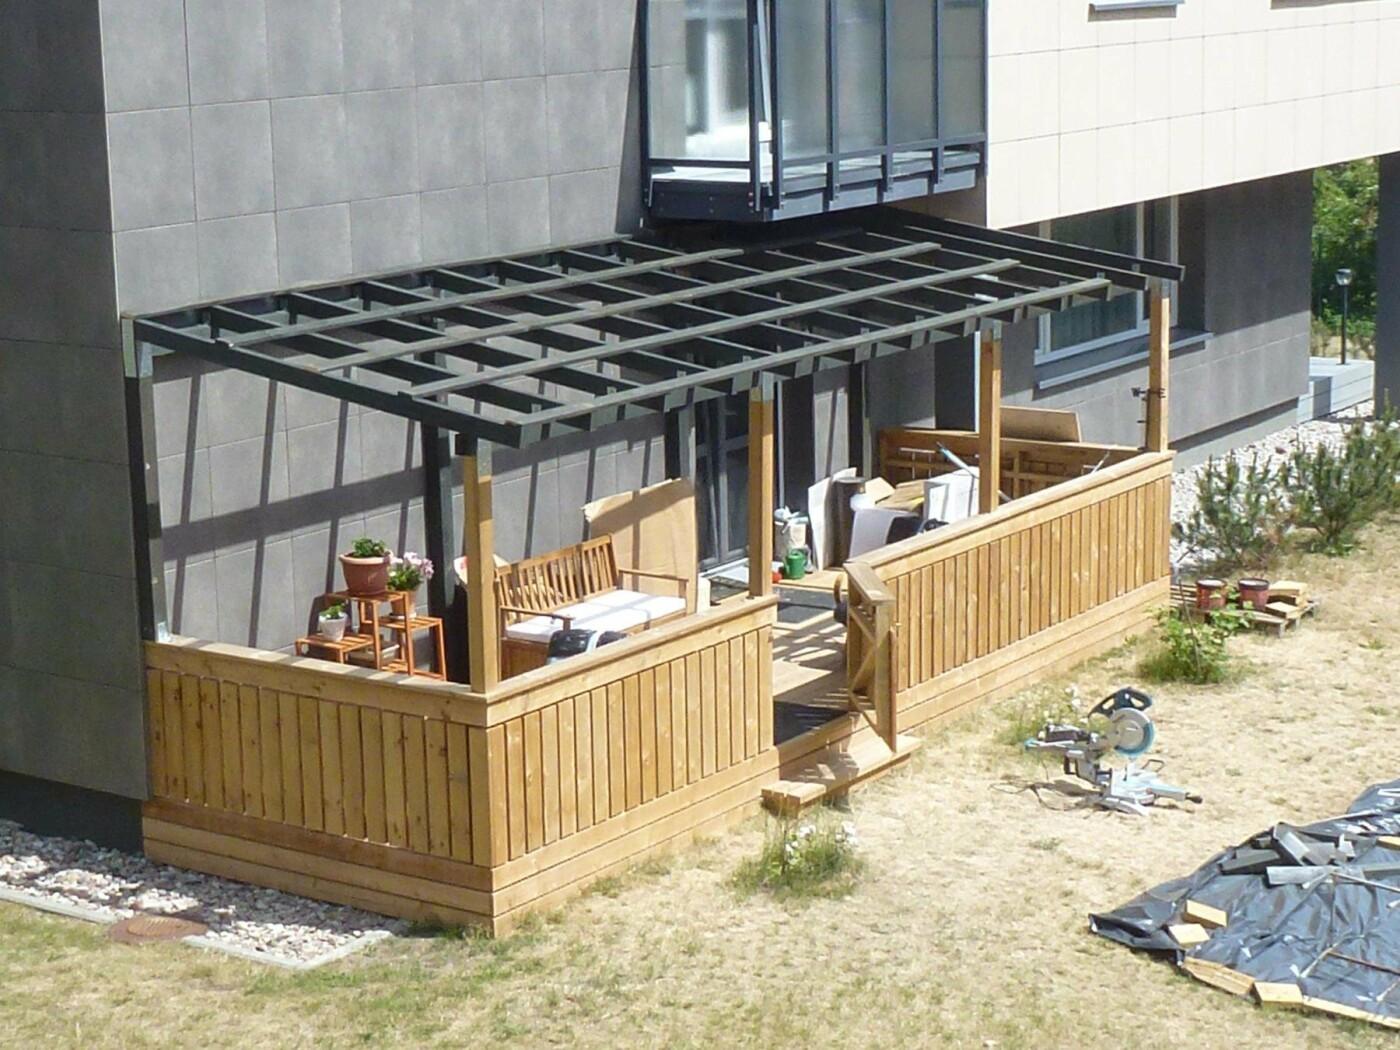 Kaimynų pasipiktinimą sukėlusi terasa: vieniems išsigelbėjimas, kitiems – baisus šašas, nuotrauka-5